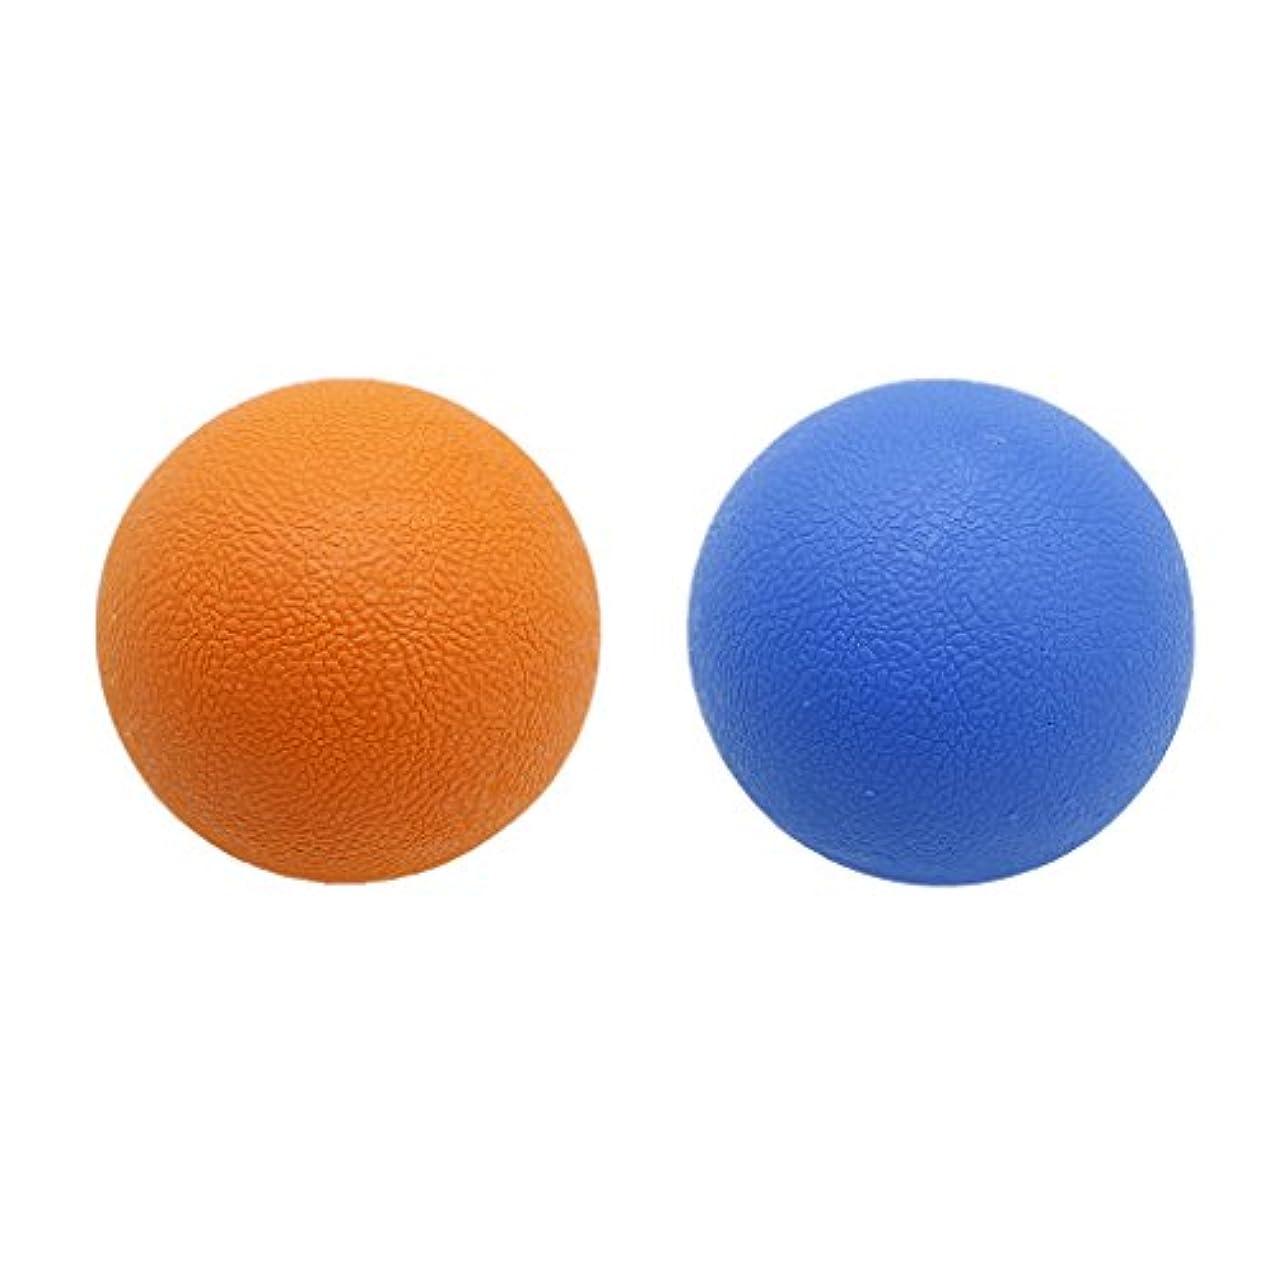 夫婦バッジ社会Perfk 2個 マッサージボール ストレッチボール トリガーポイント トレーニング マッサージ リラックス 便利 多色選べる - オレンジブルー